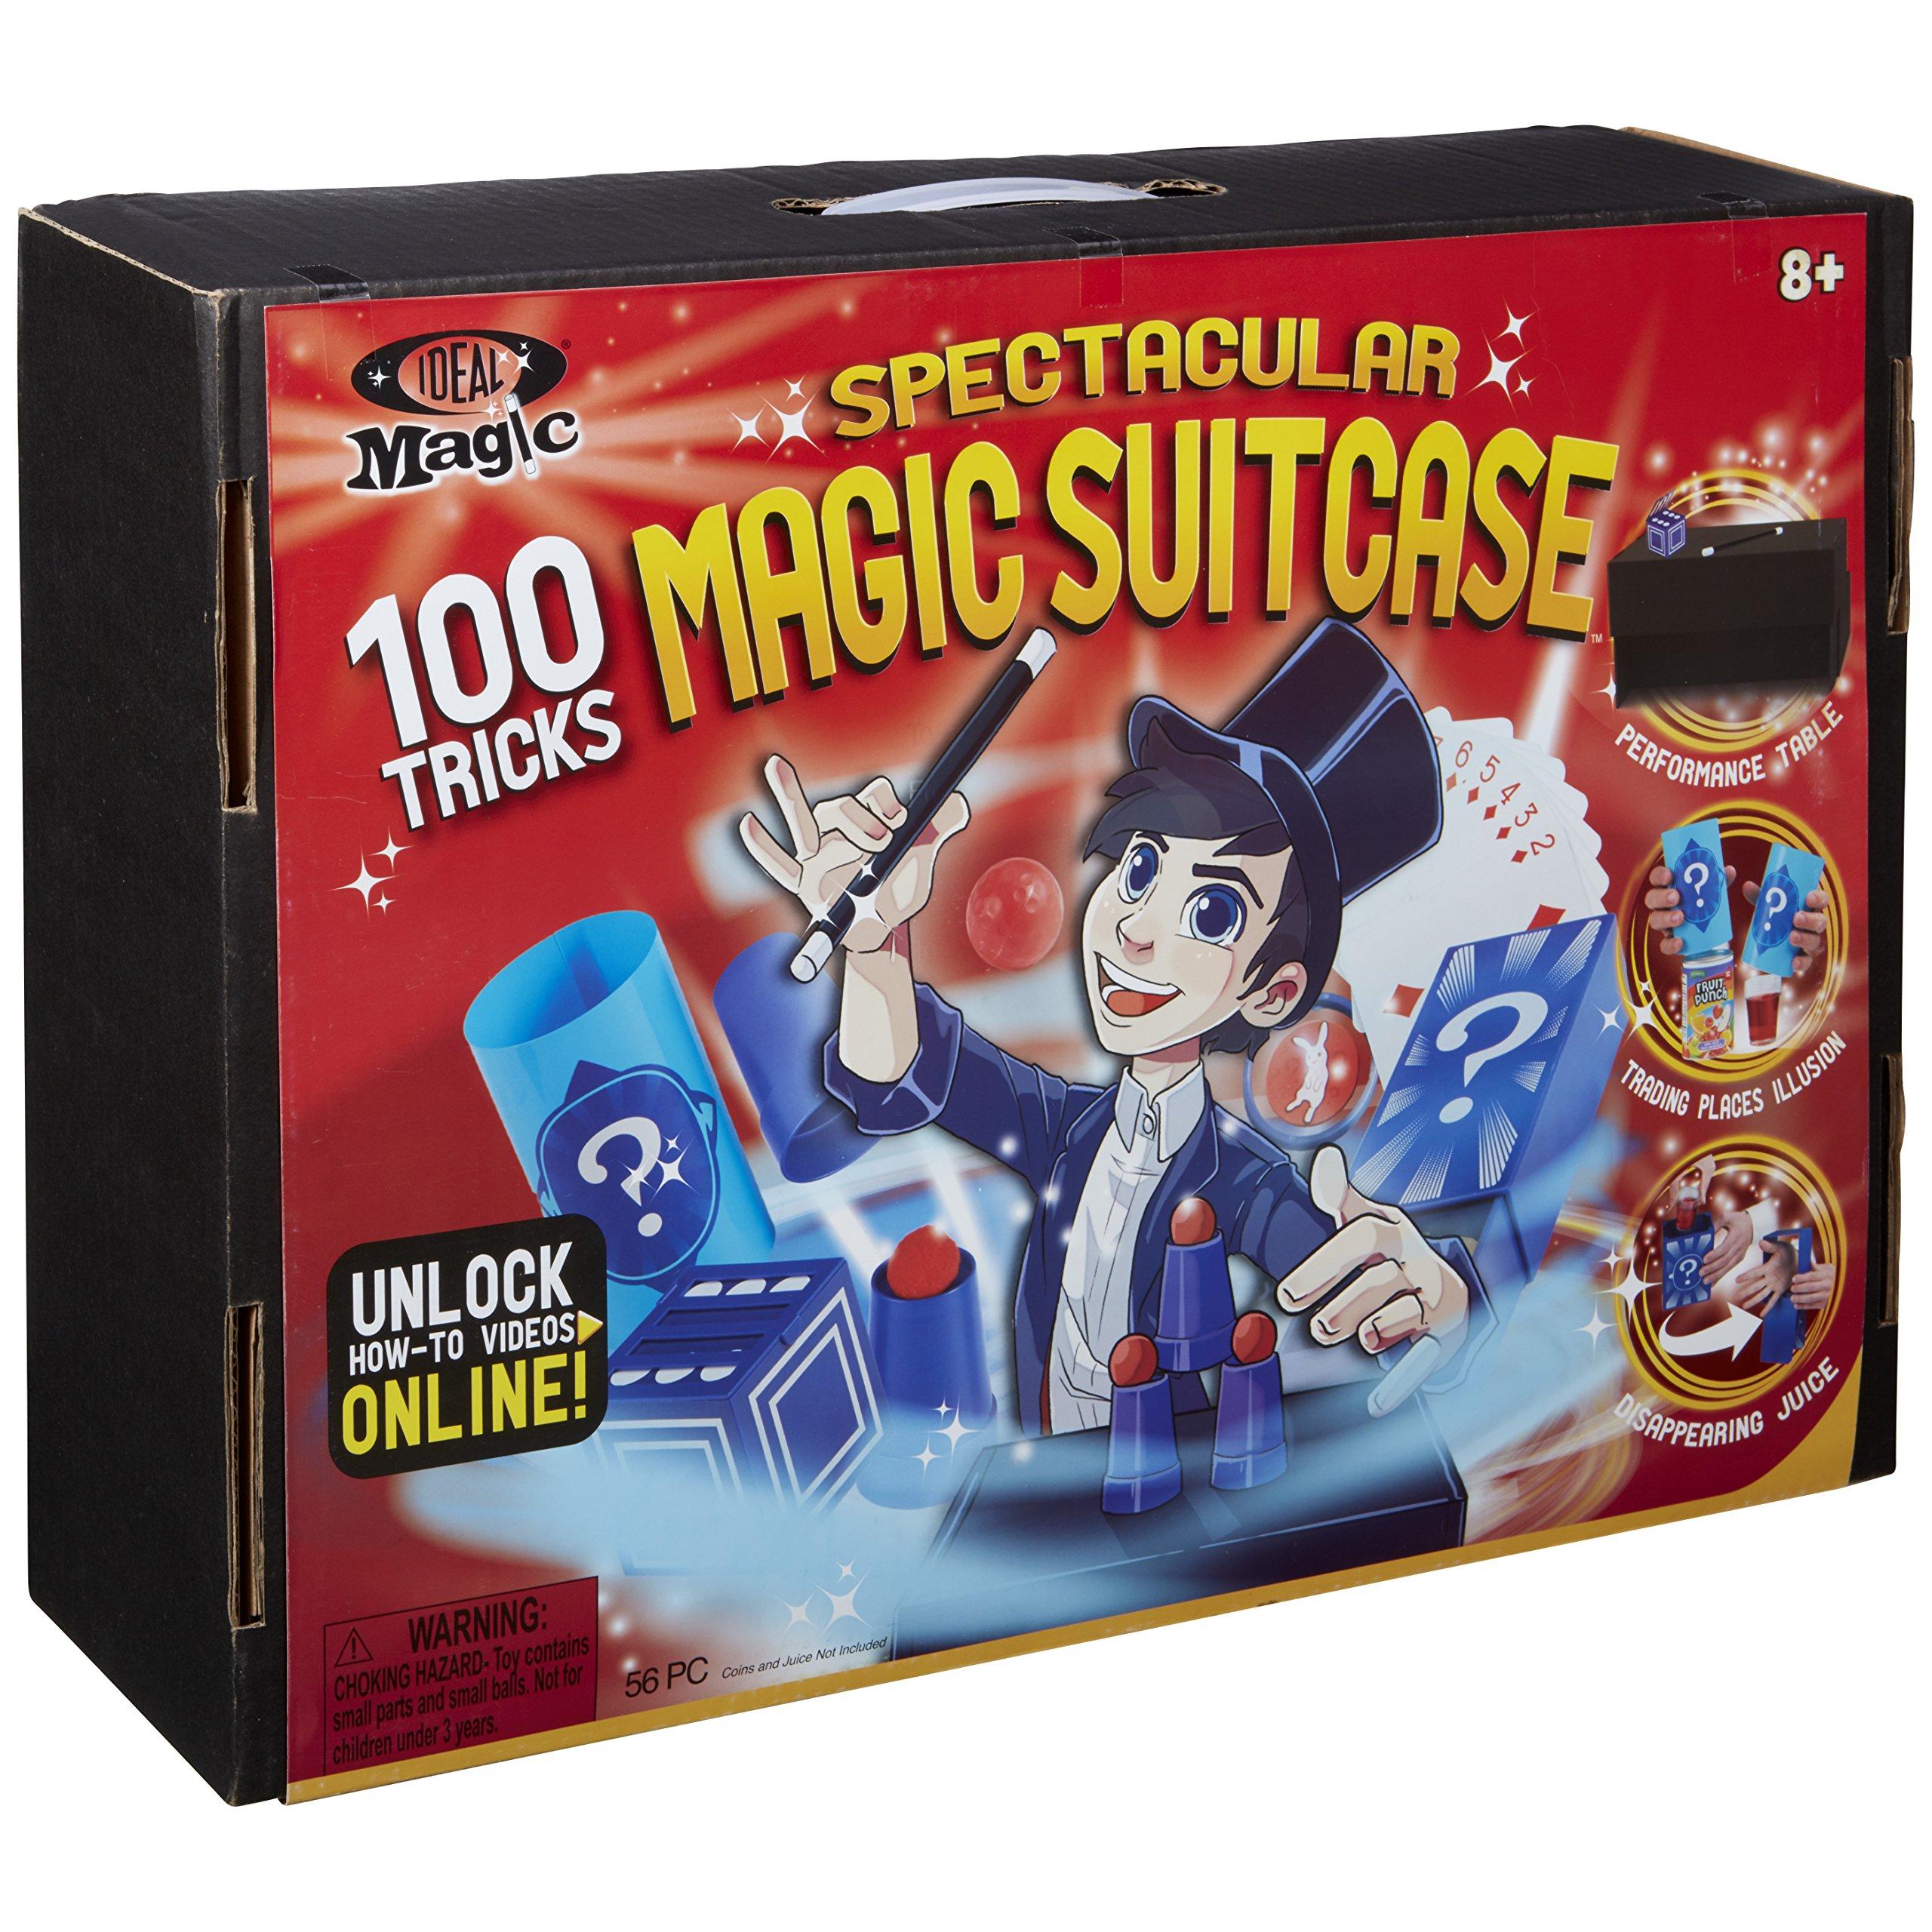 Ideal Magic Spectacular Suitcase